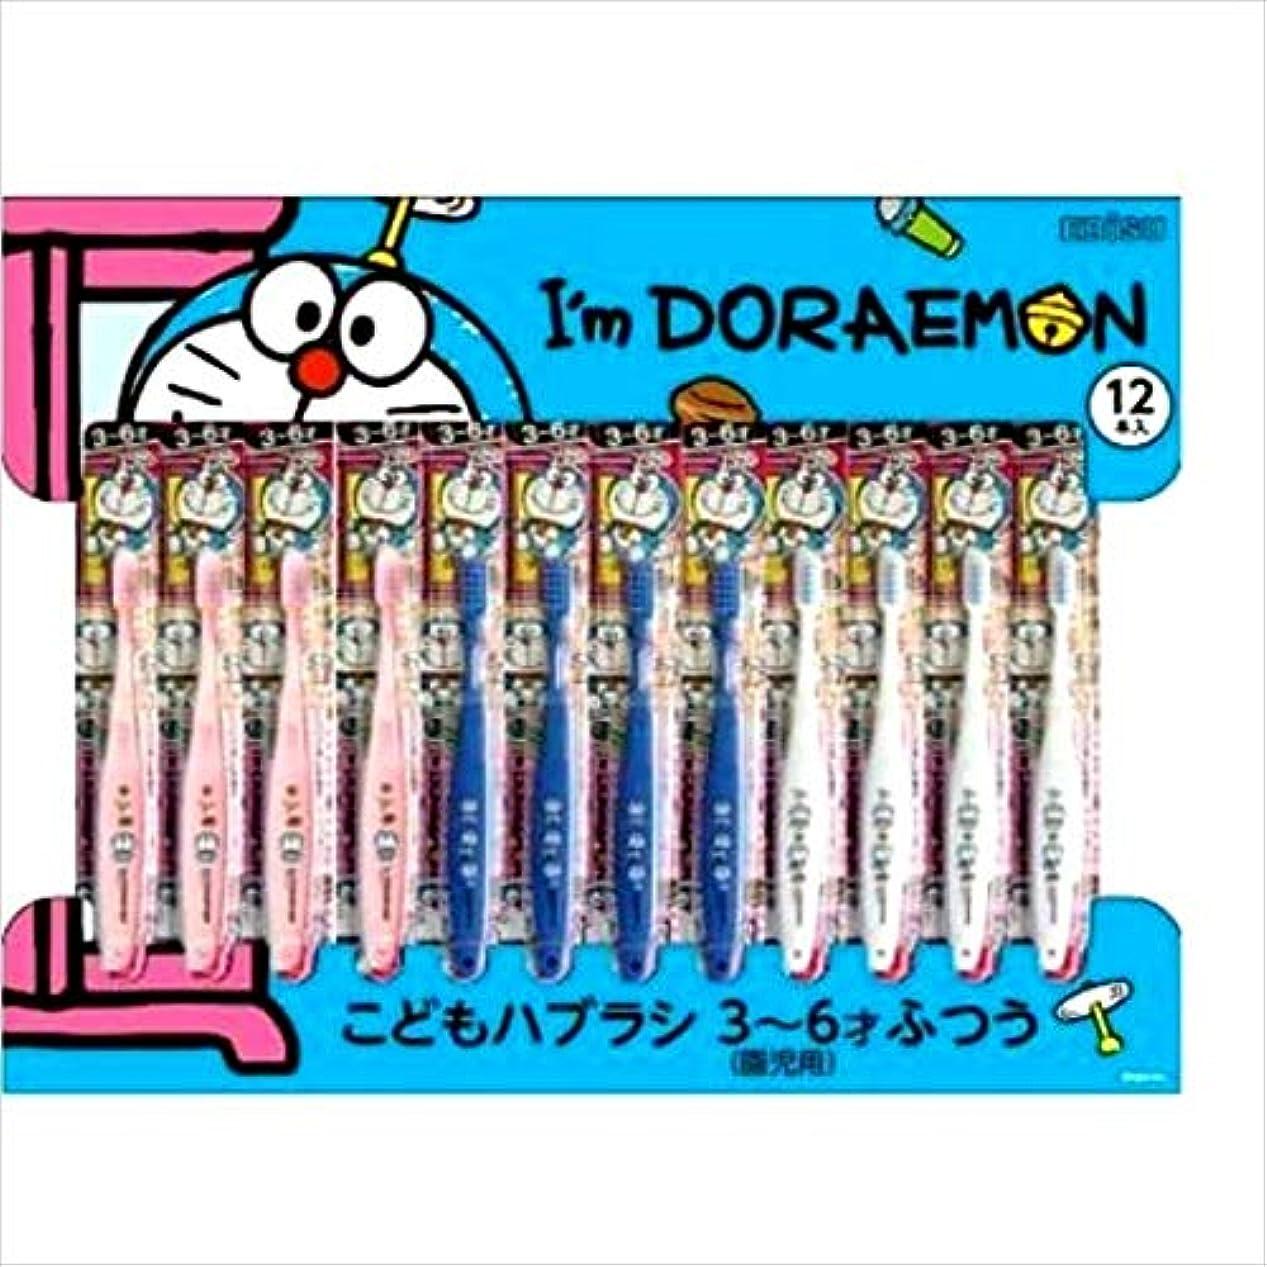 判定急襲枕I'M DORAEMON 子供用 歯ブラシ 12本入り